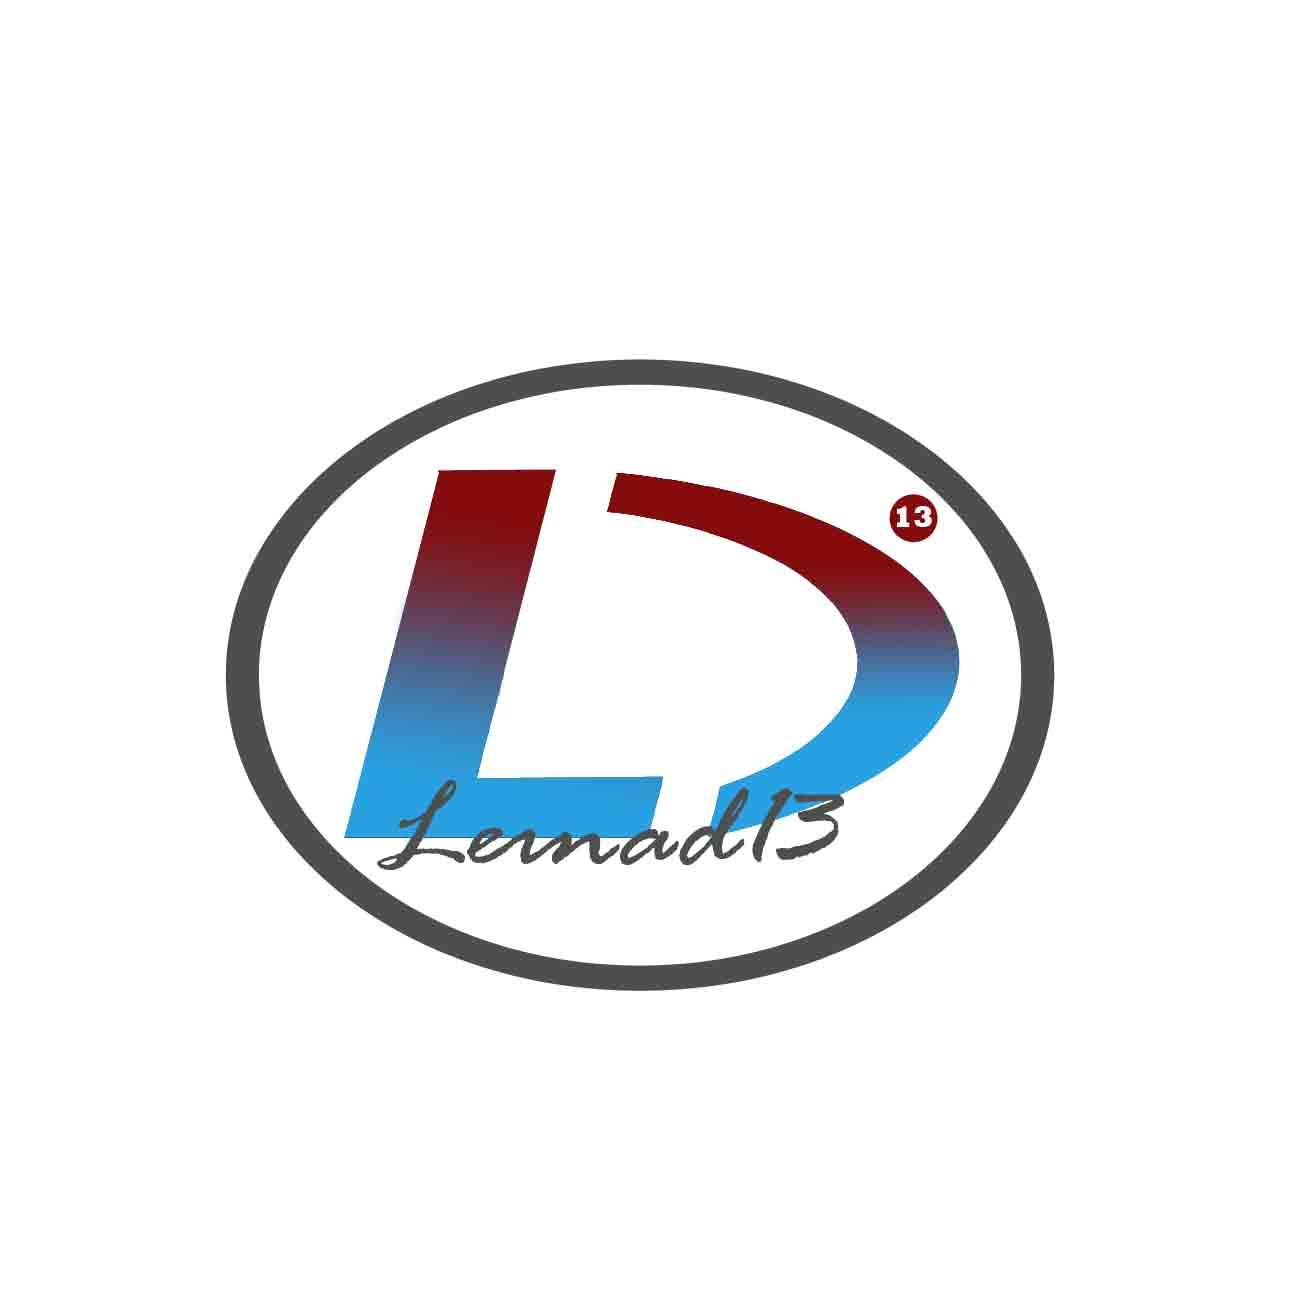 Leinad13 logo